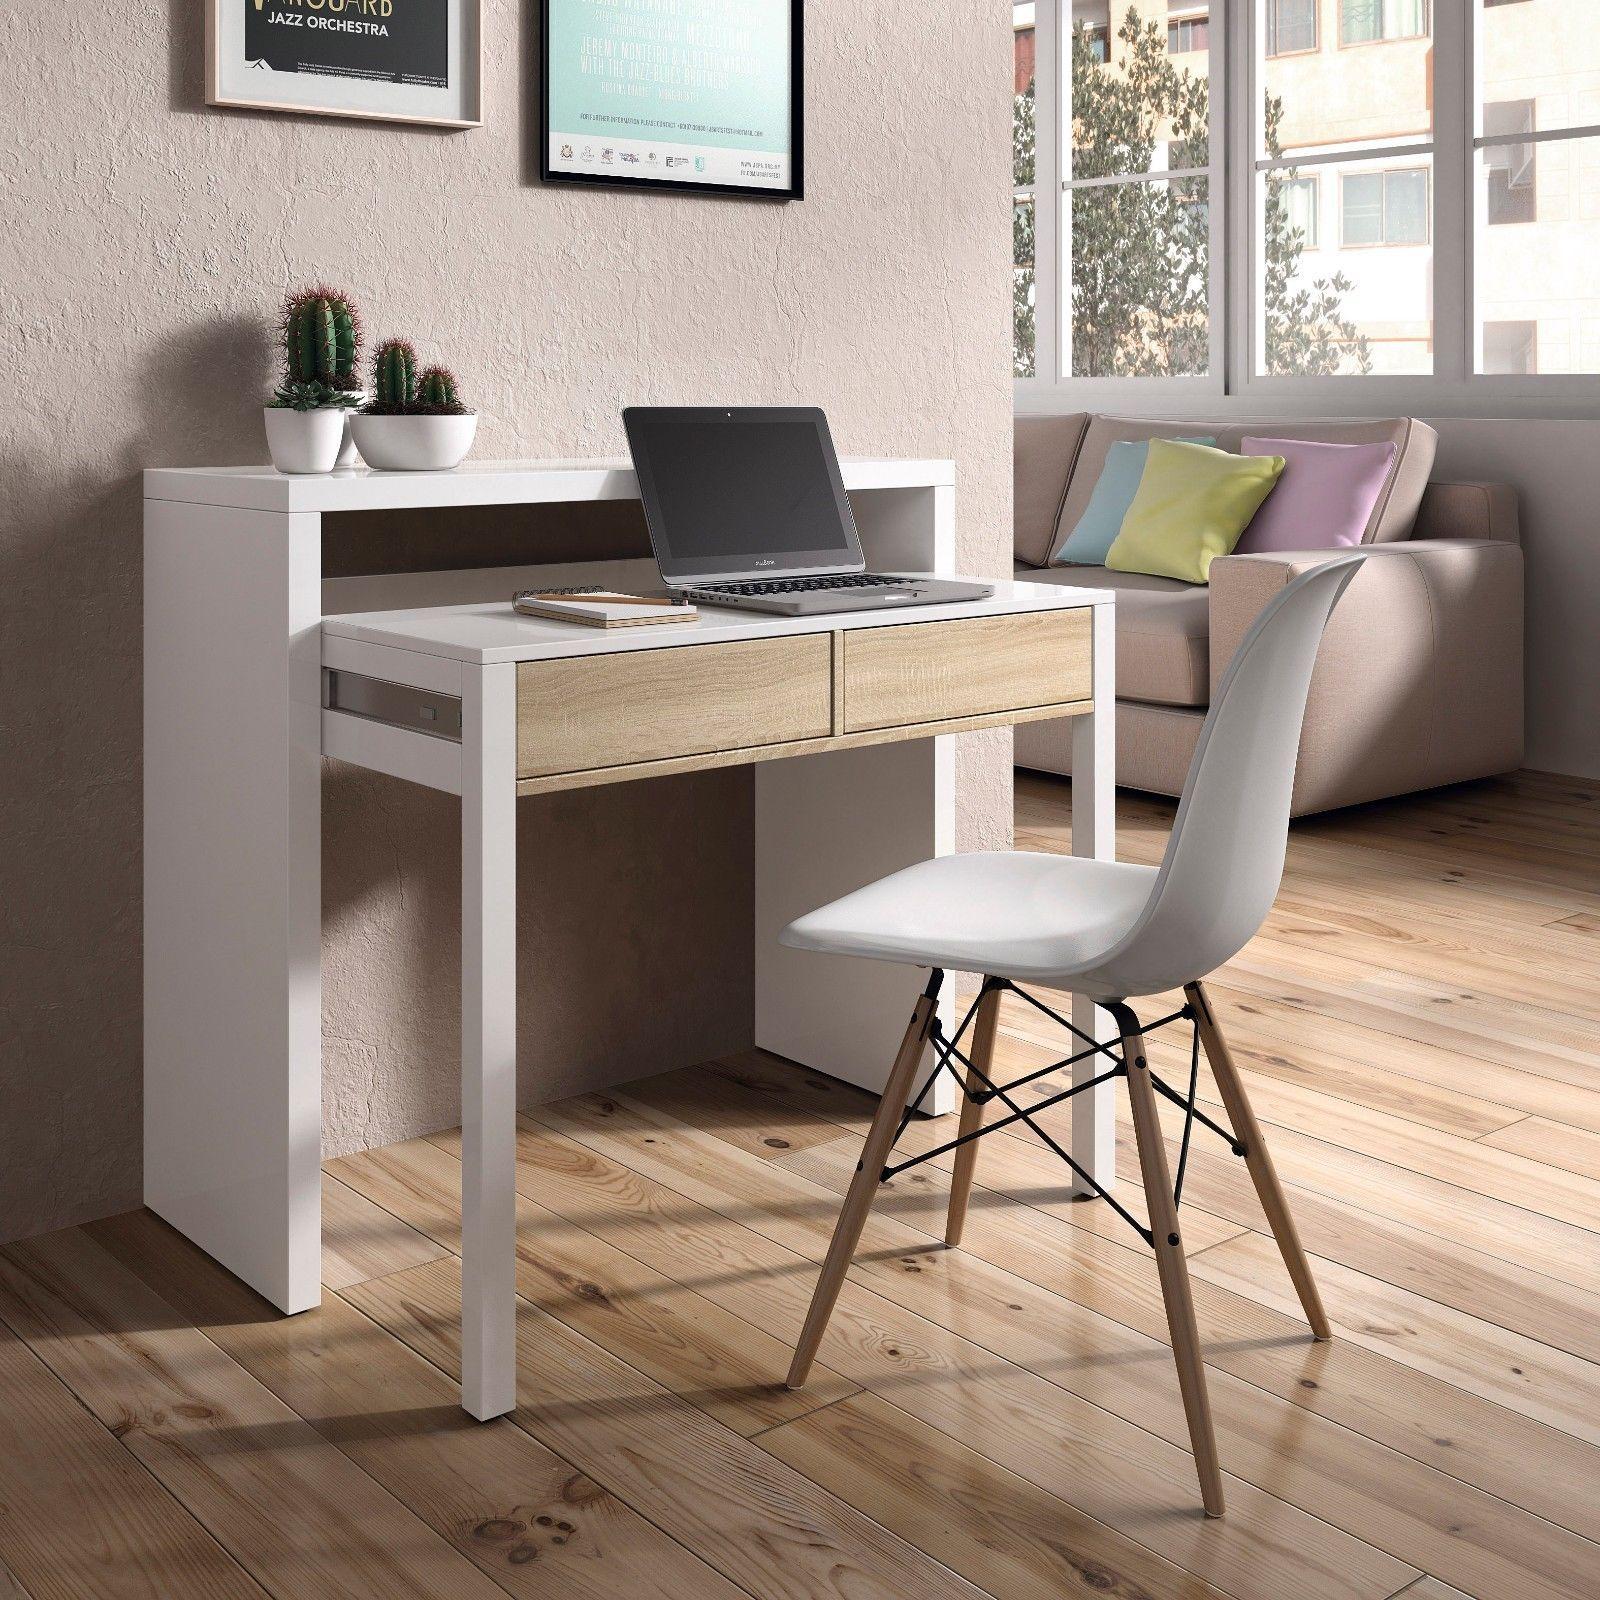 Mesa consola escritorio mesa extensible mesa para for Muebles despacho baratos